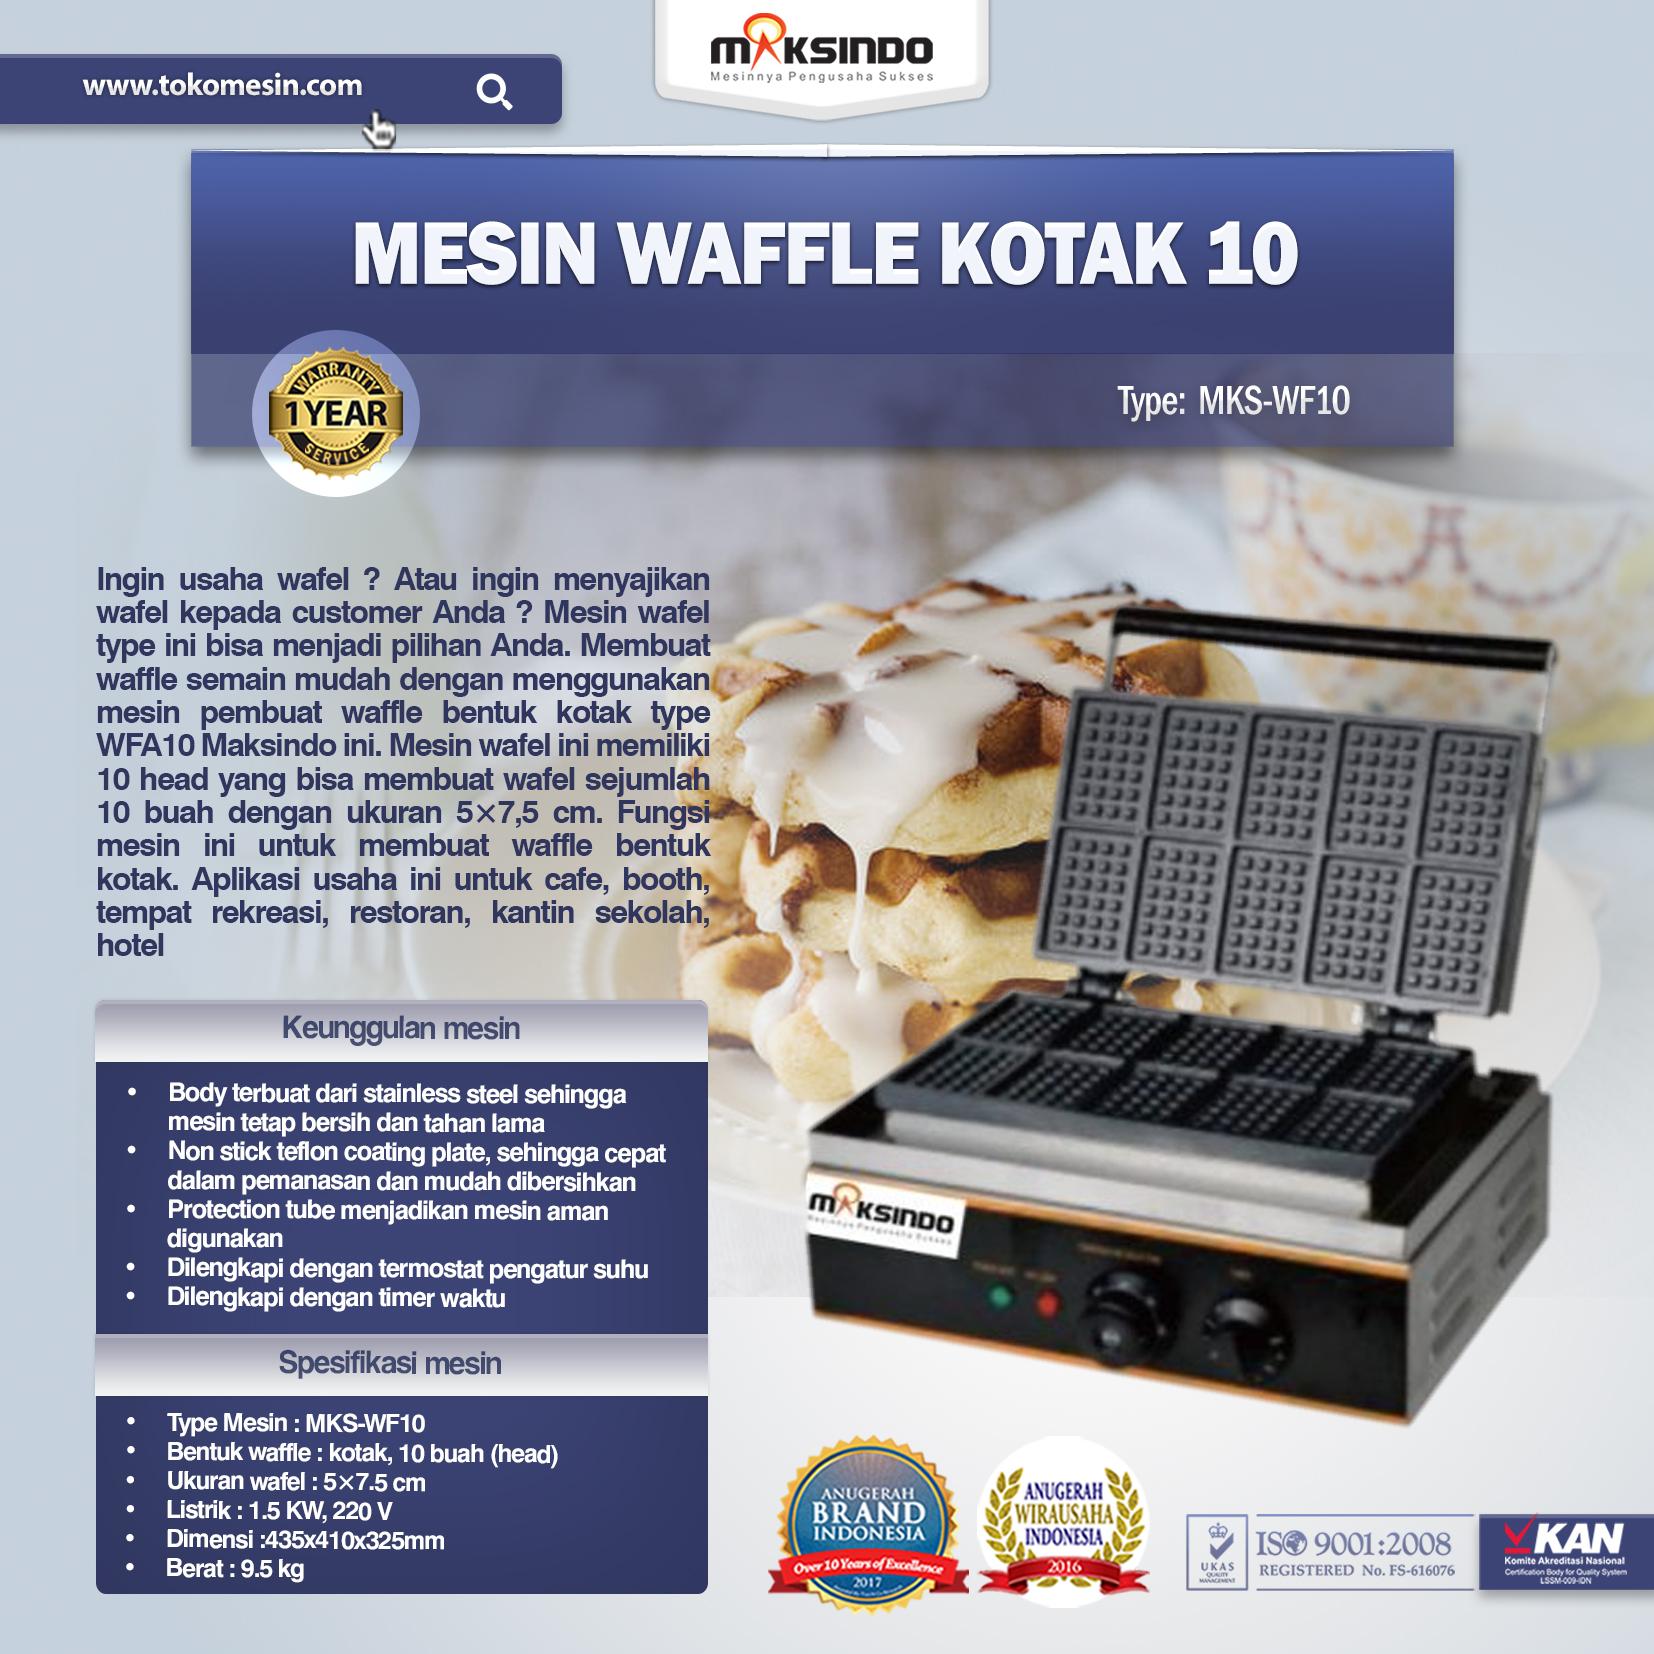 Jual Mesin Waffle Kotak 10 (WF10) di Yogyakarta